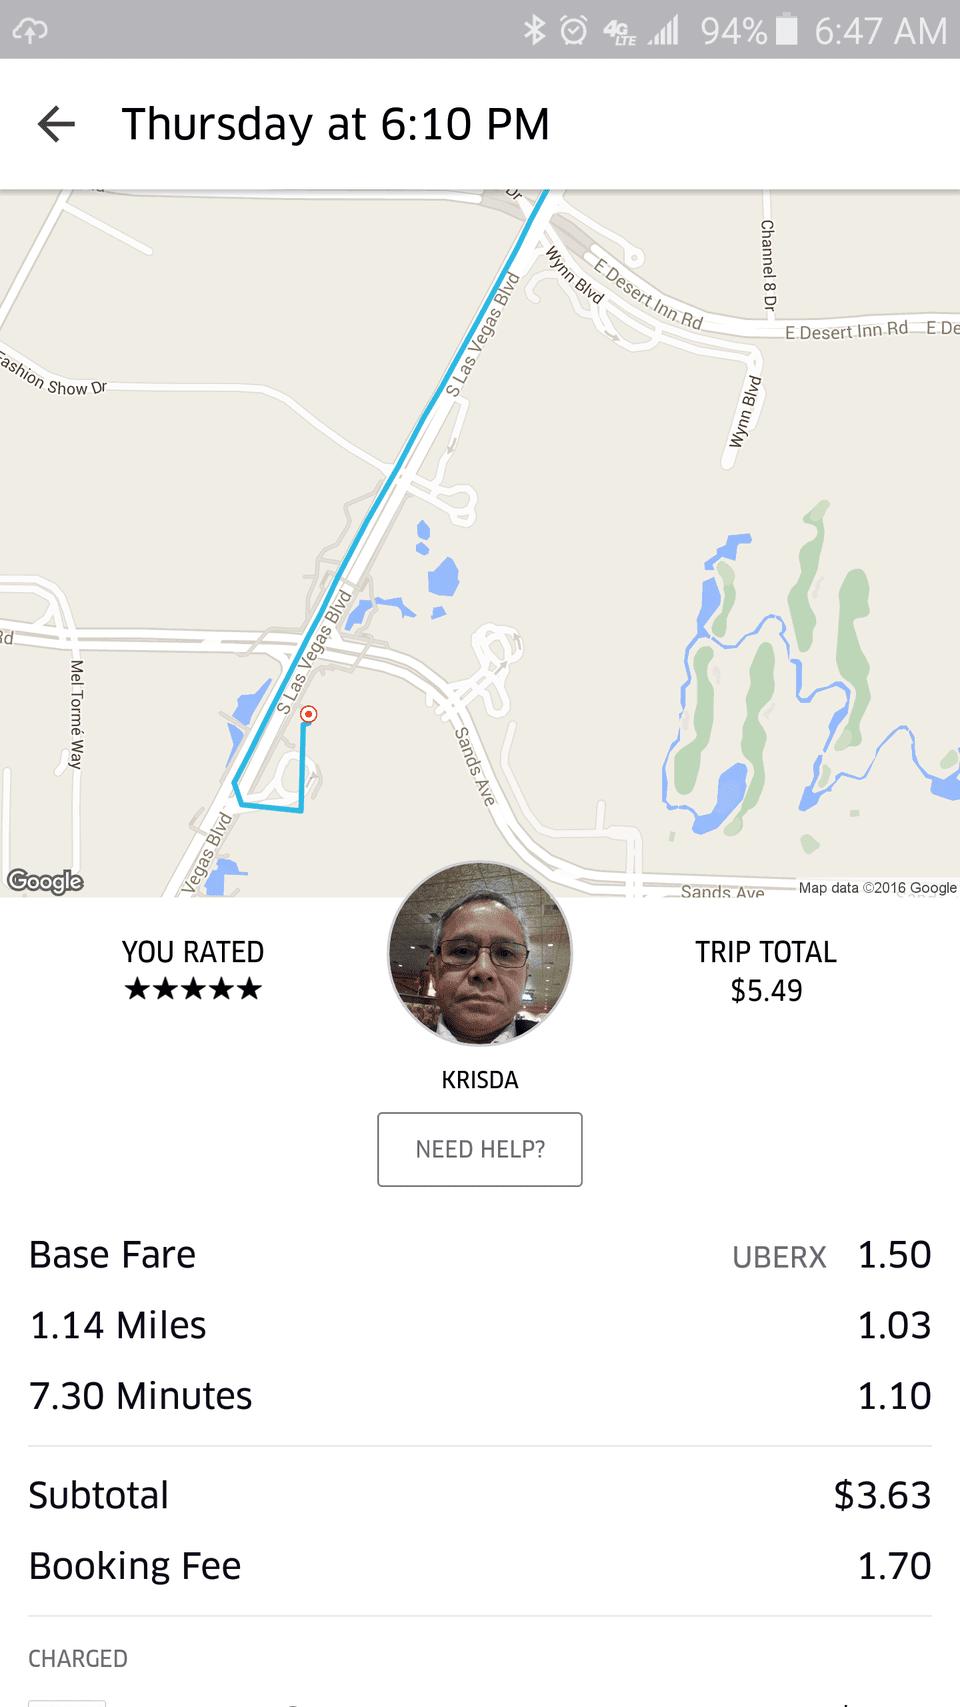 Uber Ride Details